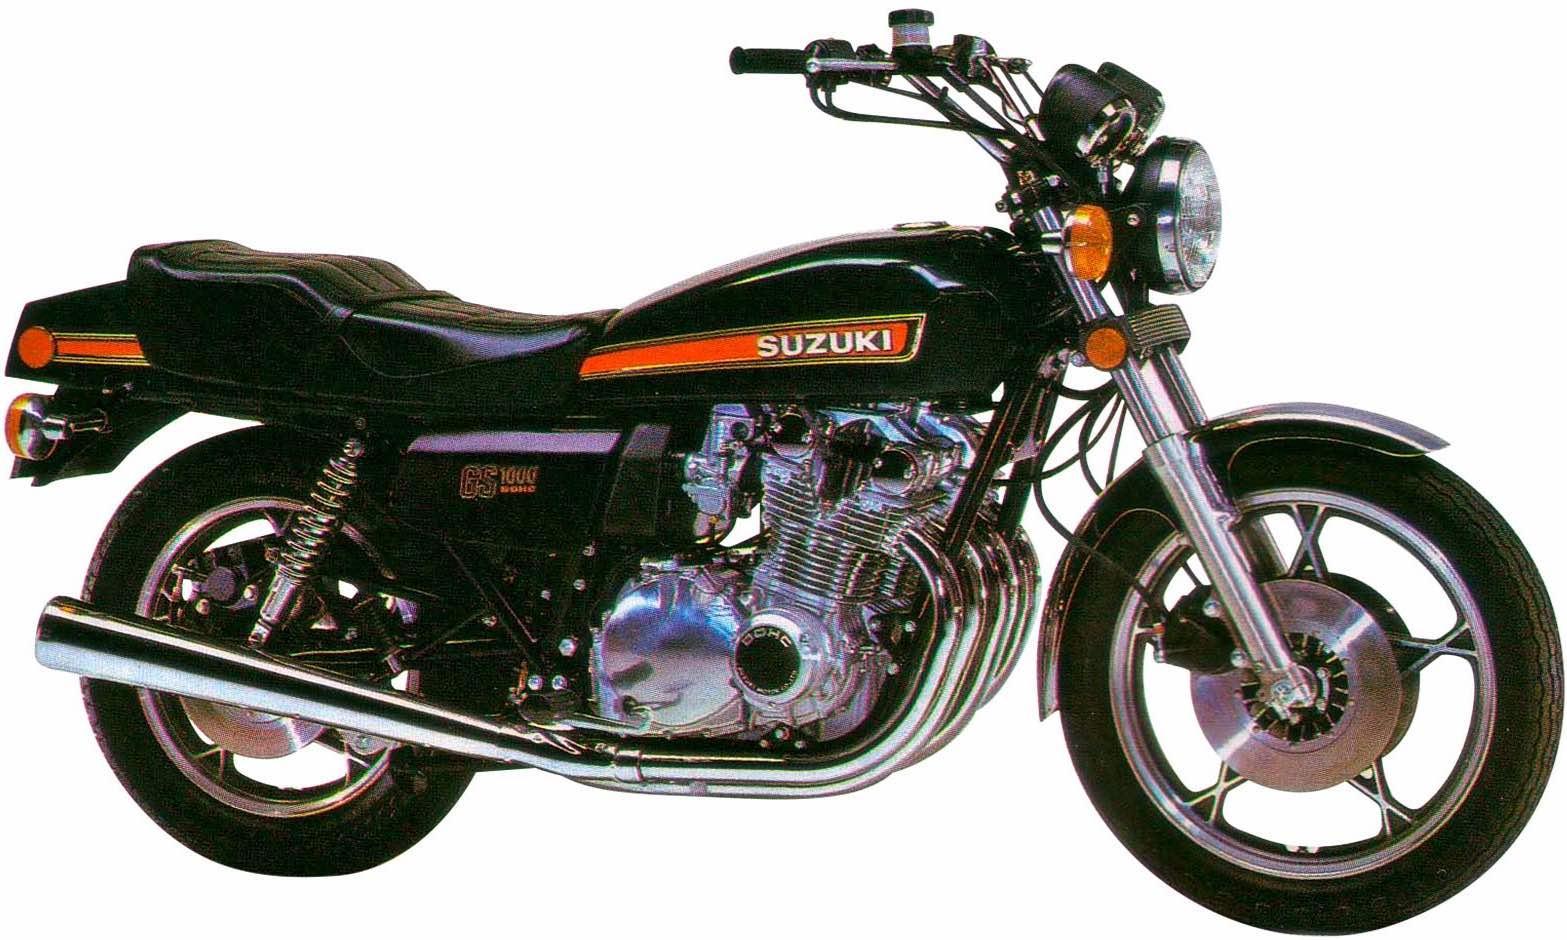 Suzuki Gs1000 1977